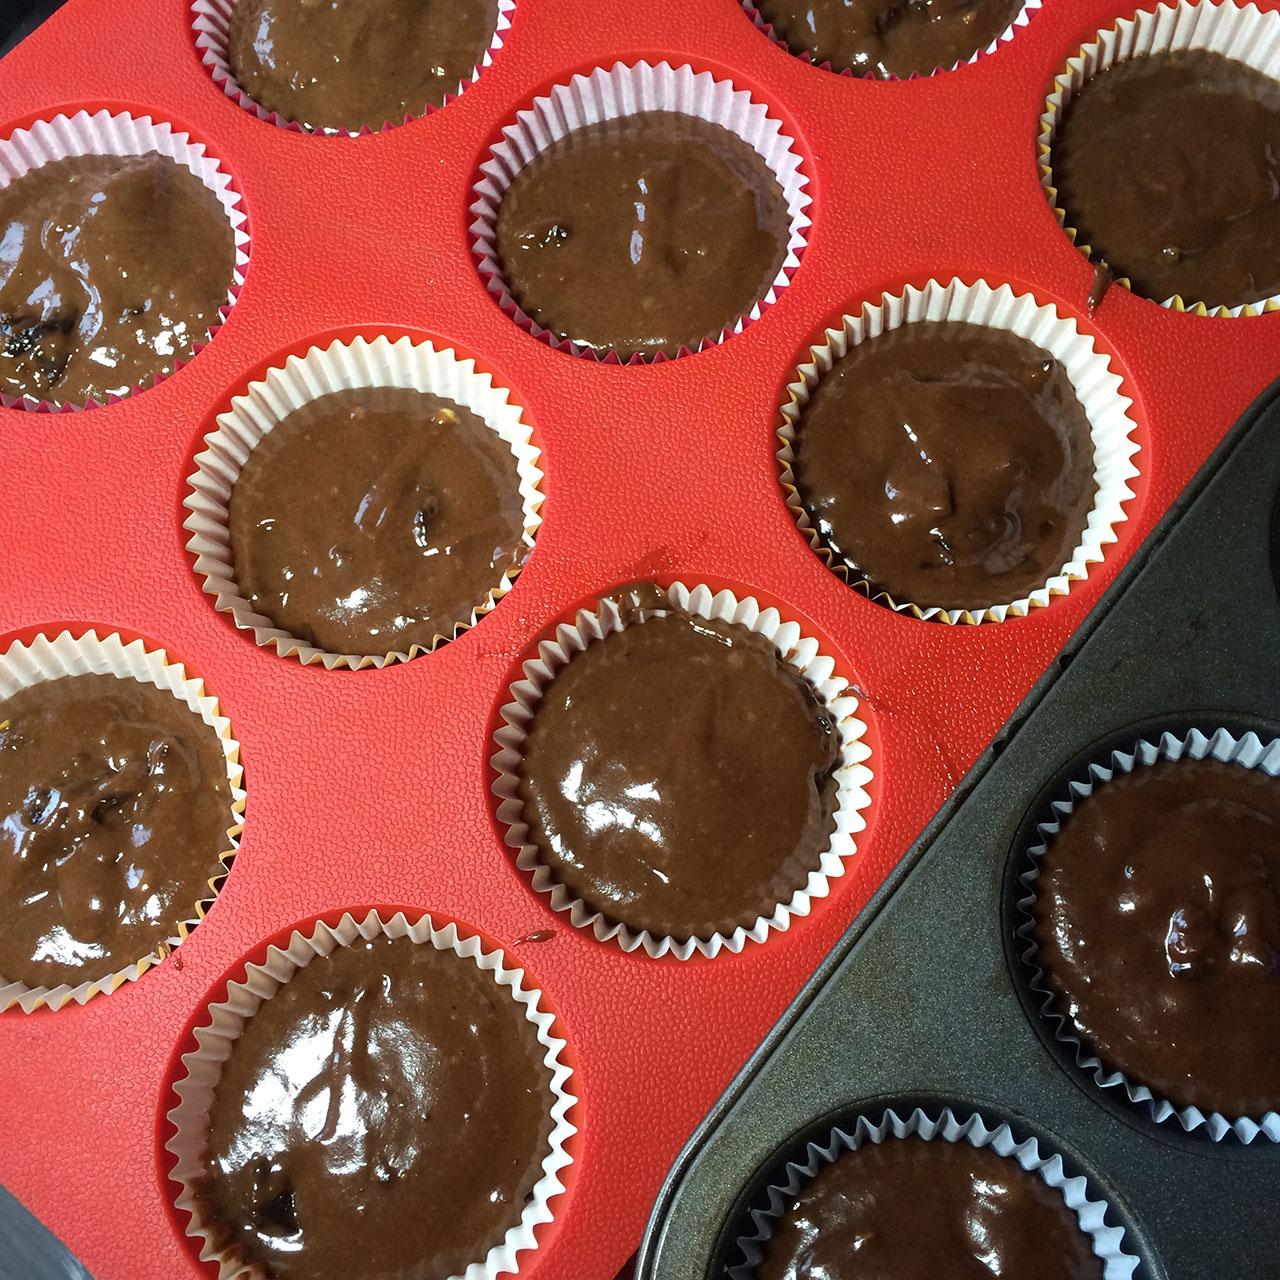 Бумажные формы, заполненные шоколадным тестом